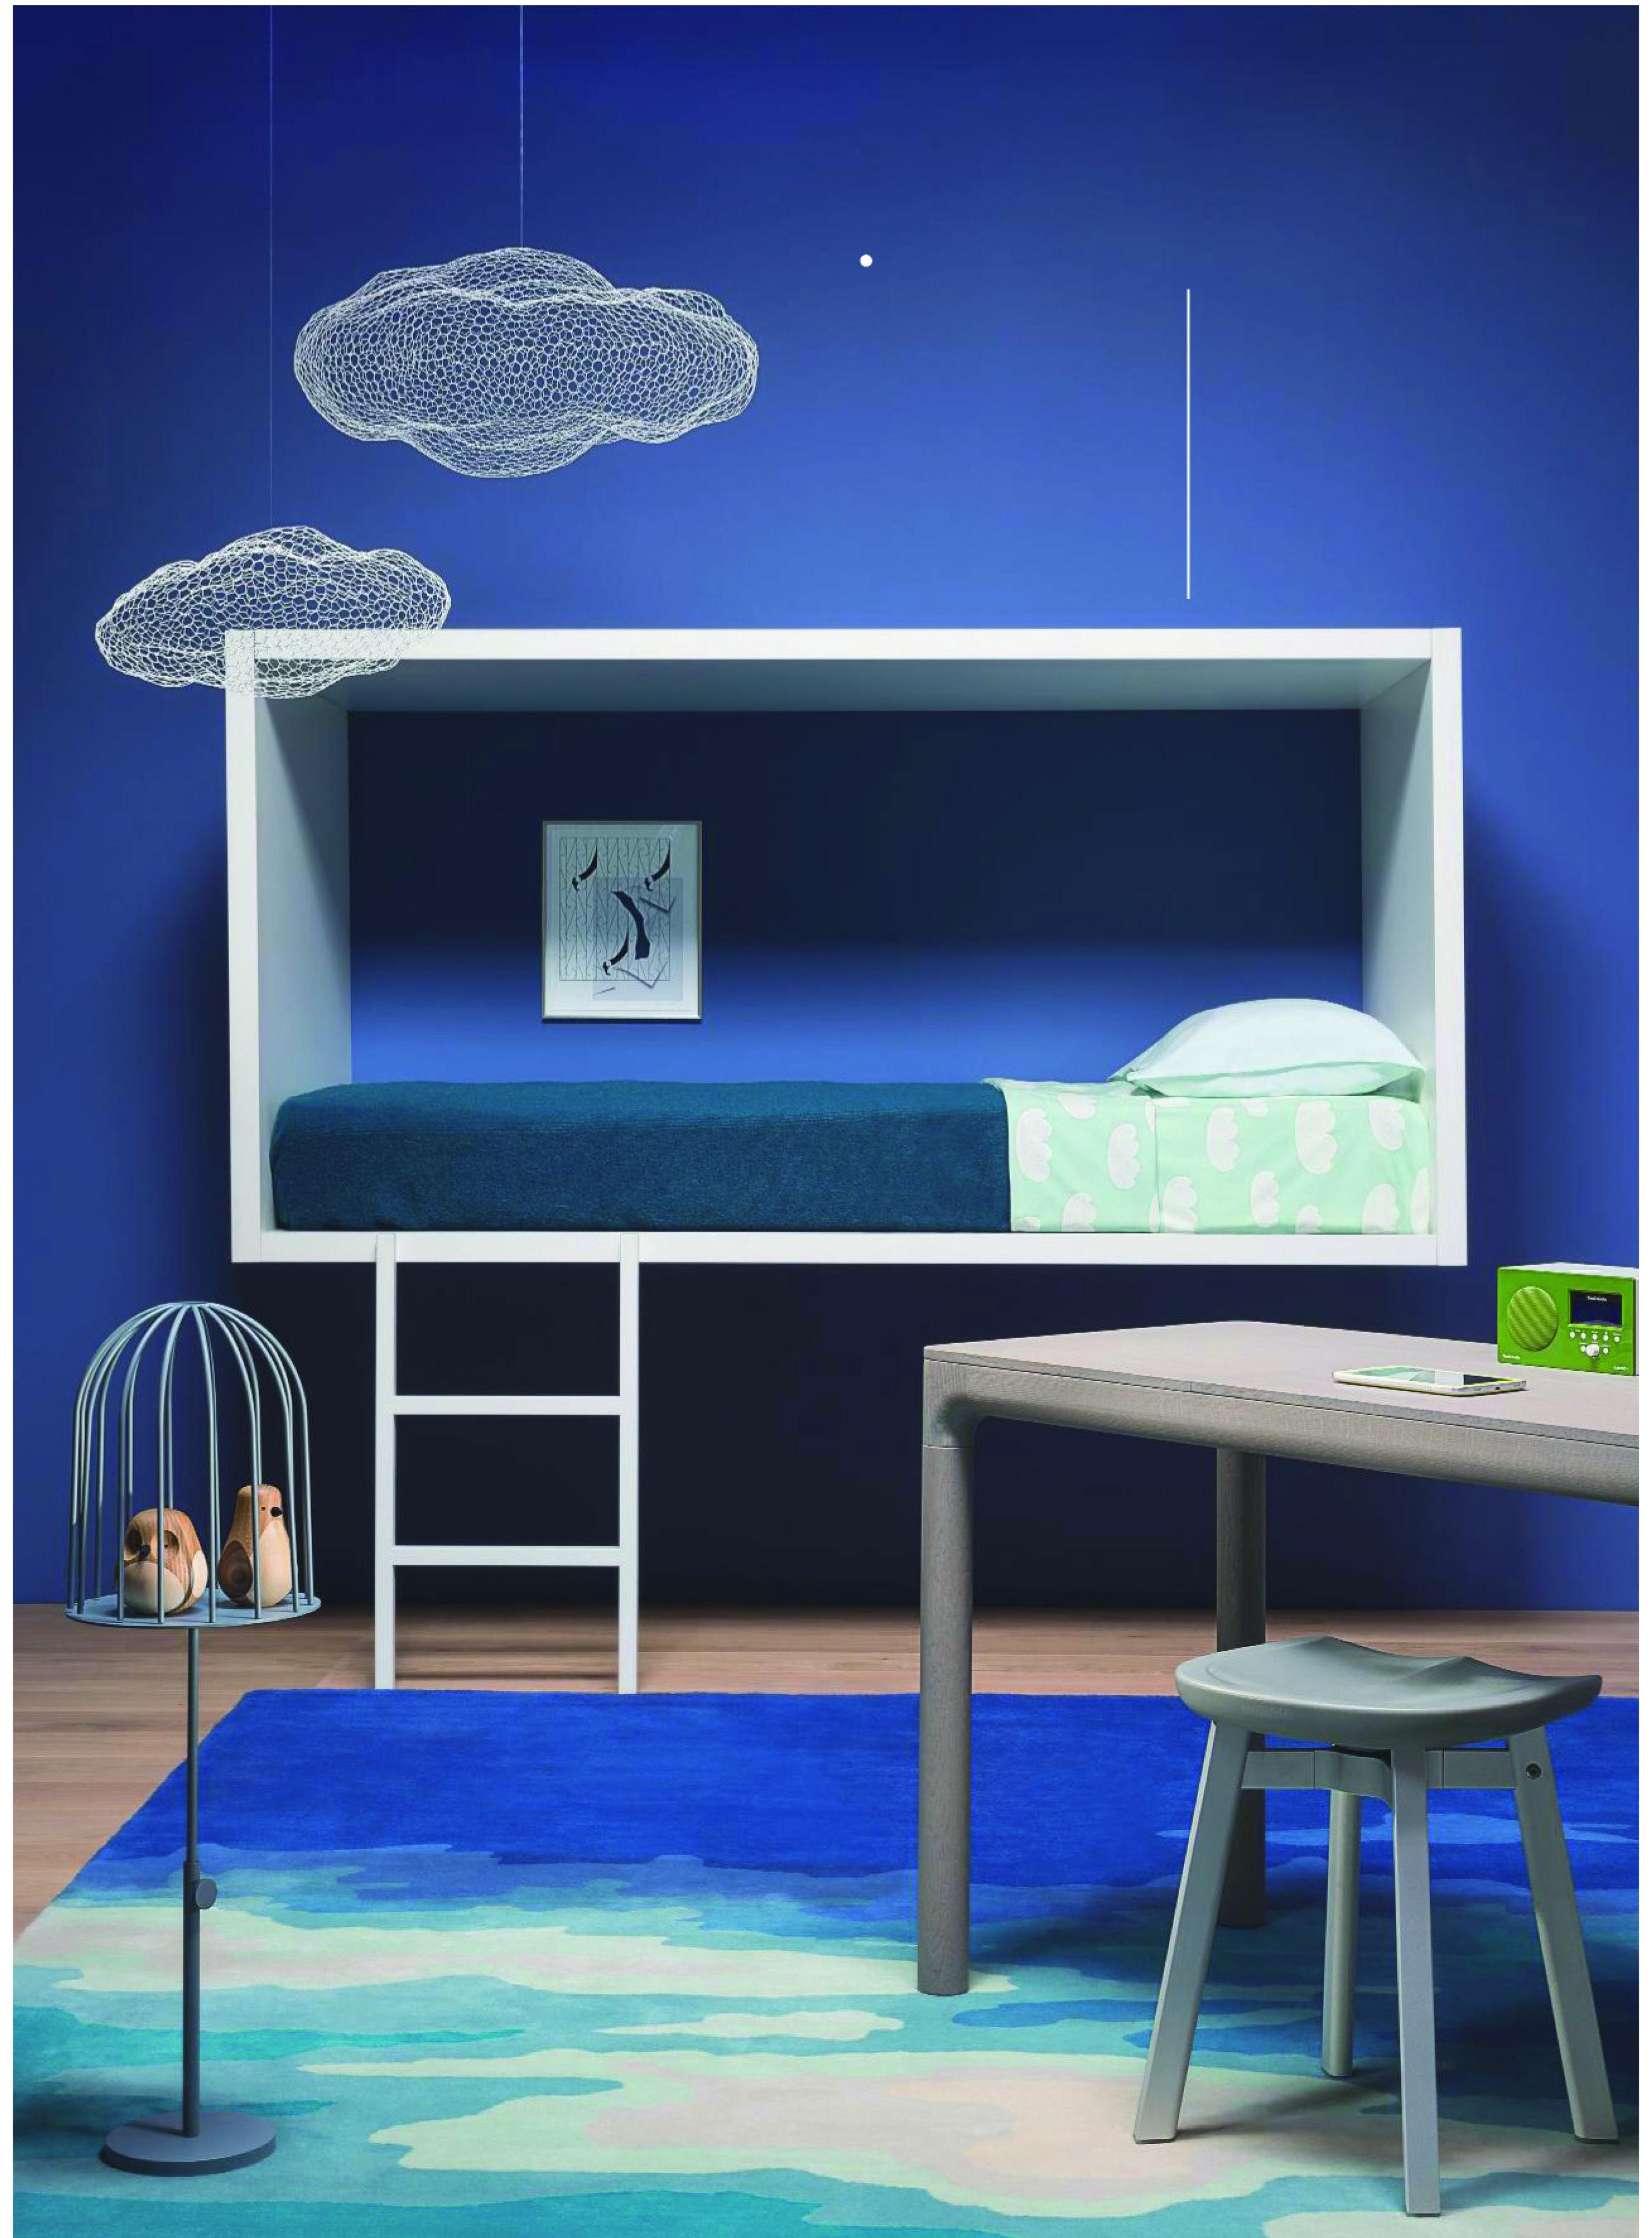 Childrens loft bedroom ideas  Une chambre duenfant tout en suspension via Wallpaper magazine  kid